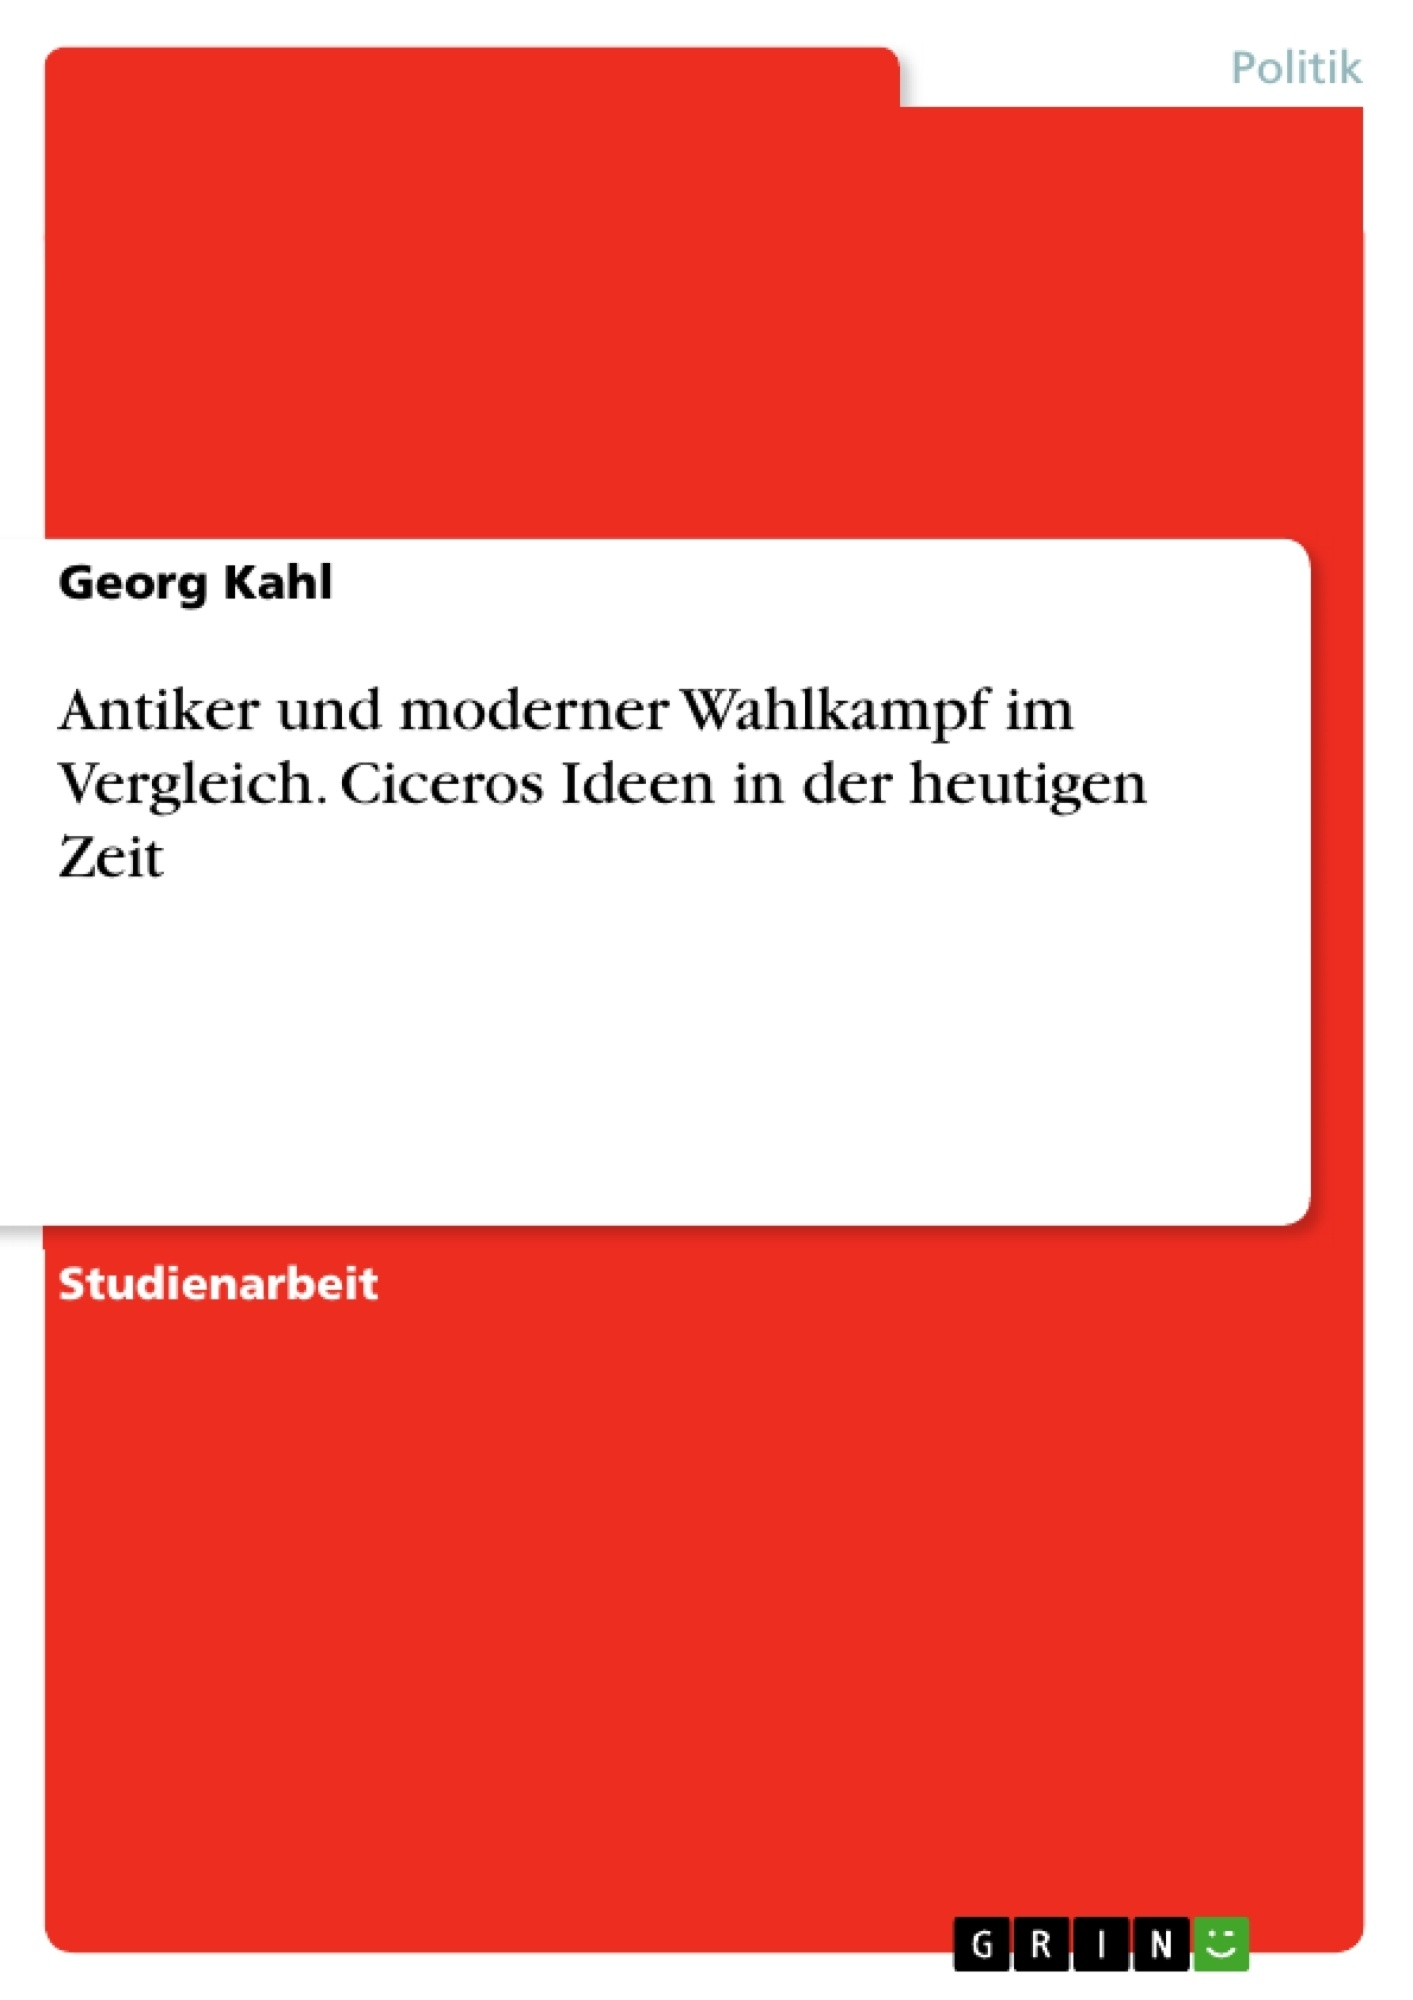 Titel: Antiker und moderner Wahlkampf im Vergleich. Ciceros Ideen in der heutigen Zeit